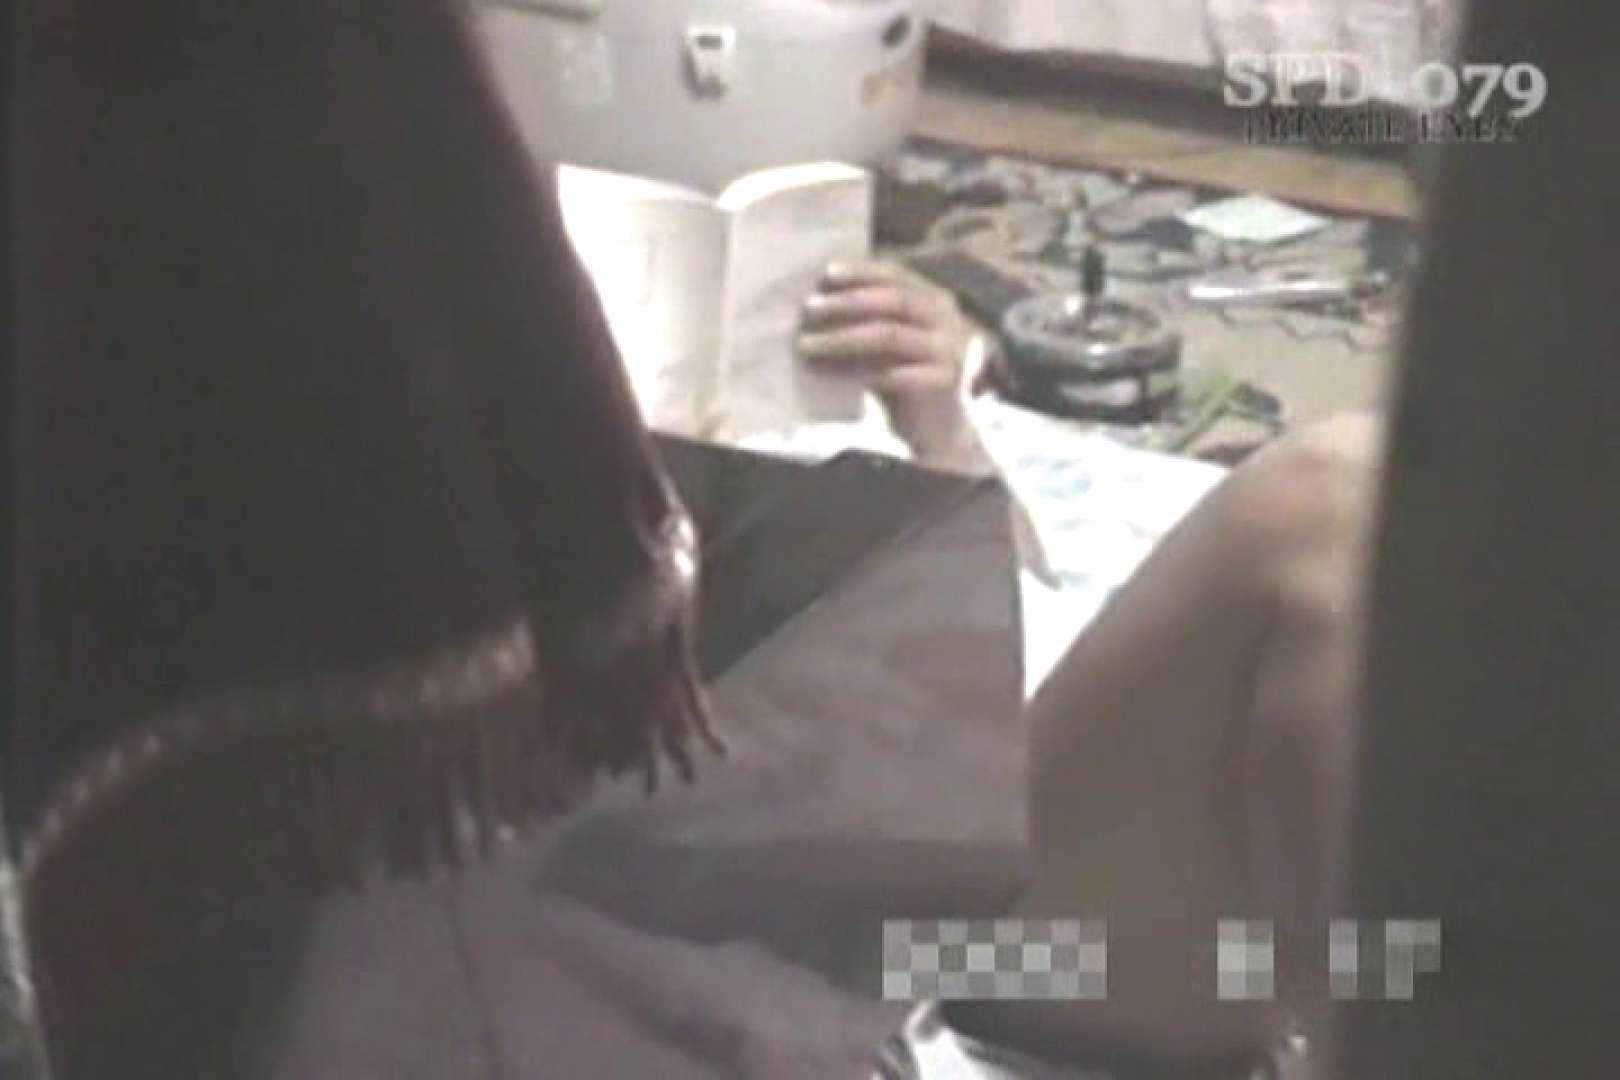 高画質版!SPD-079 盗撮 ~住宅地の恐怖~ 高画質 | プライベート  95PIX 33